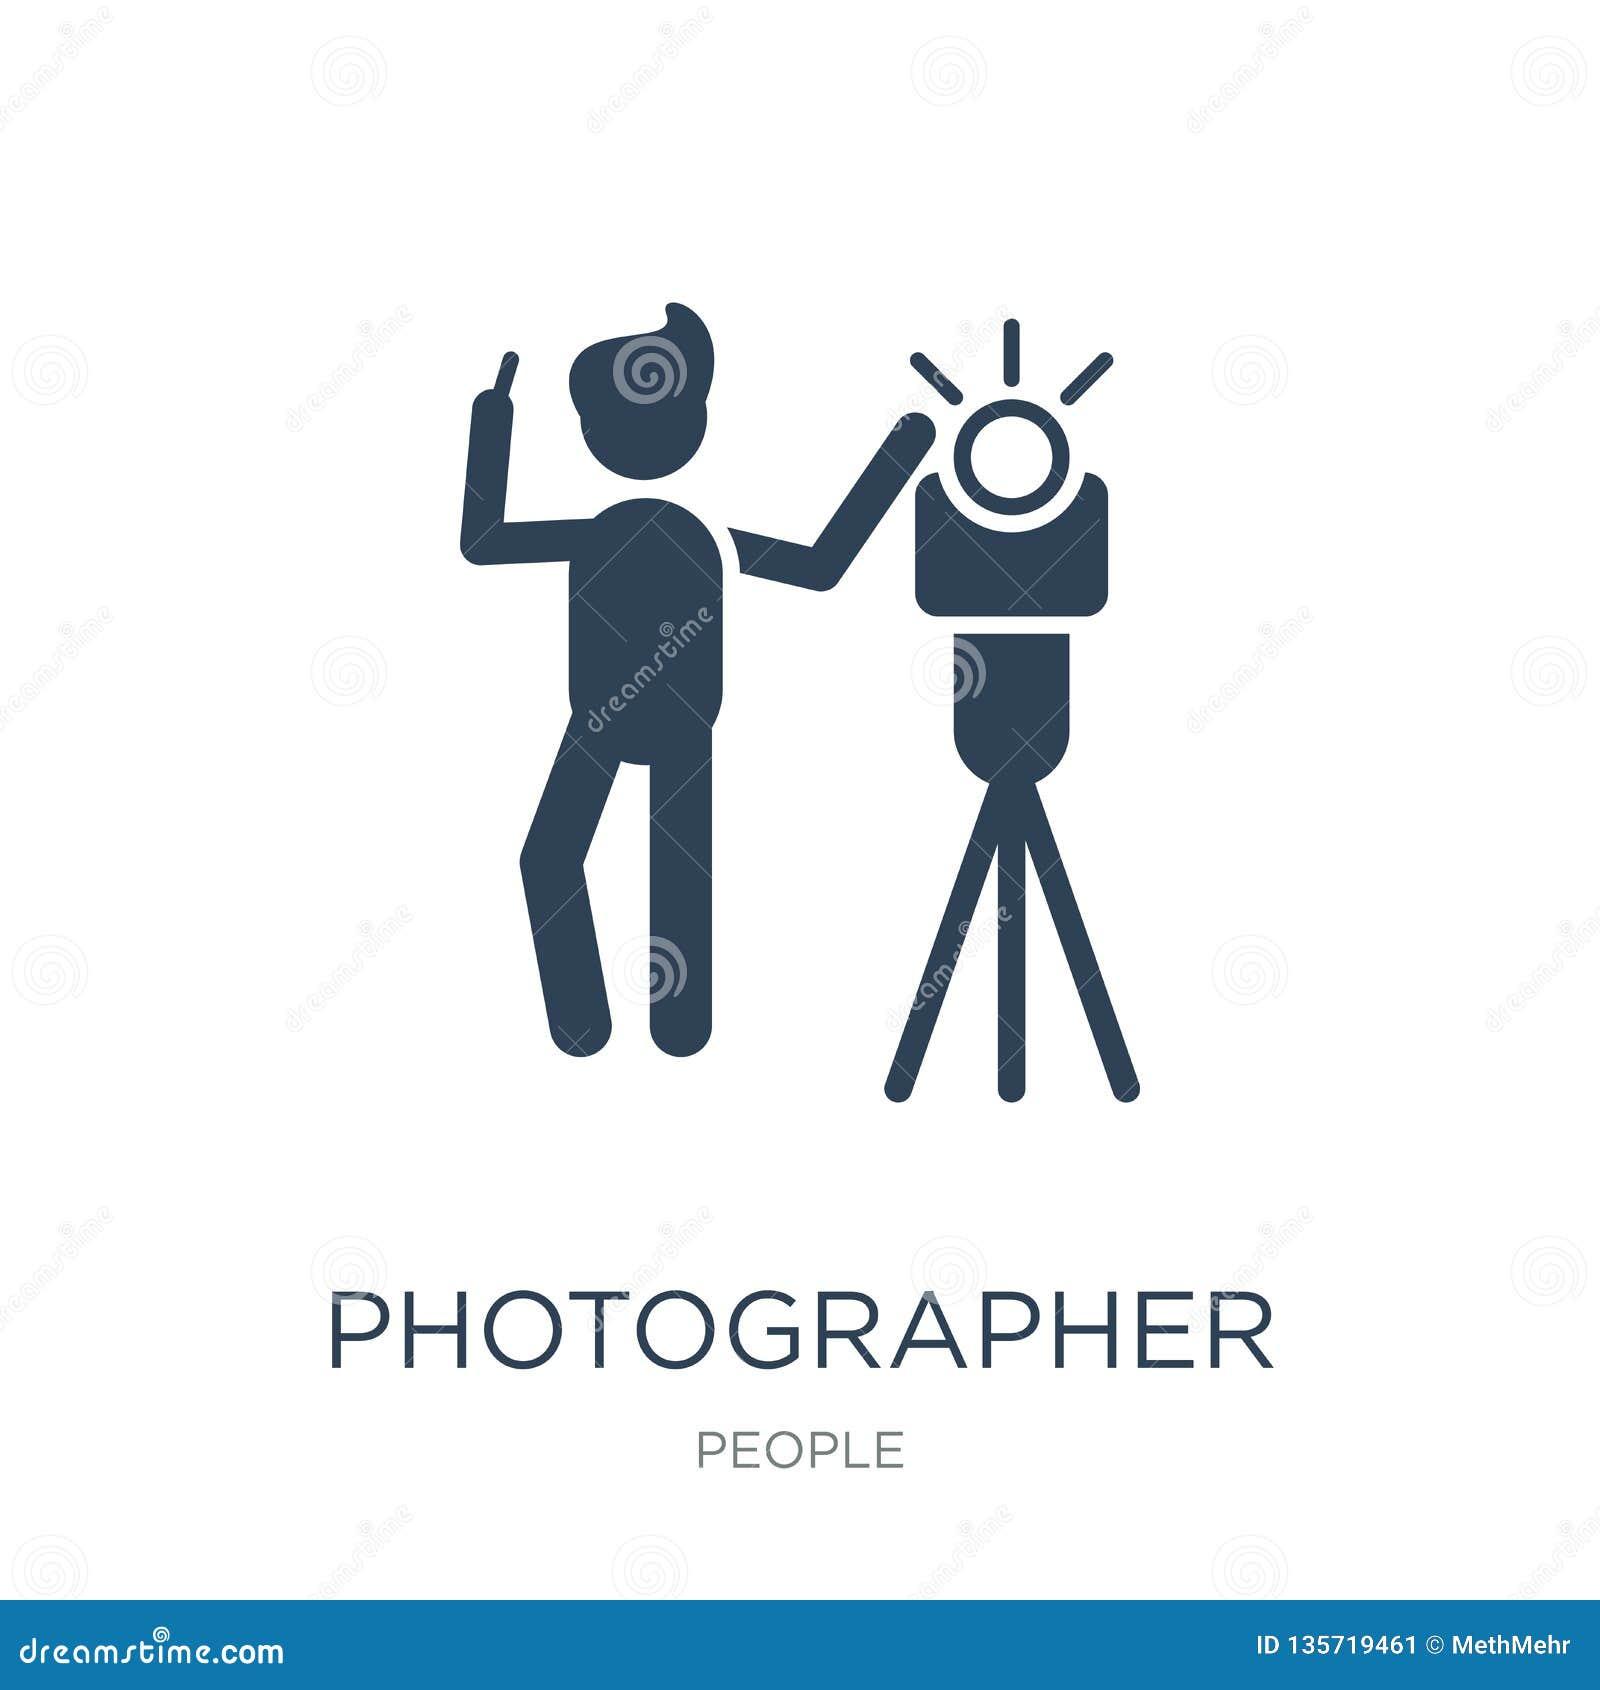 Fotografarbeitsikone in der modischen Entwurfsart Fotografarbeitsikone lokalisiert auf weißem Hintergrund Fotograf Working